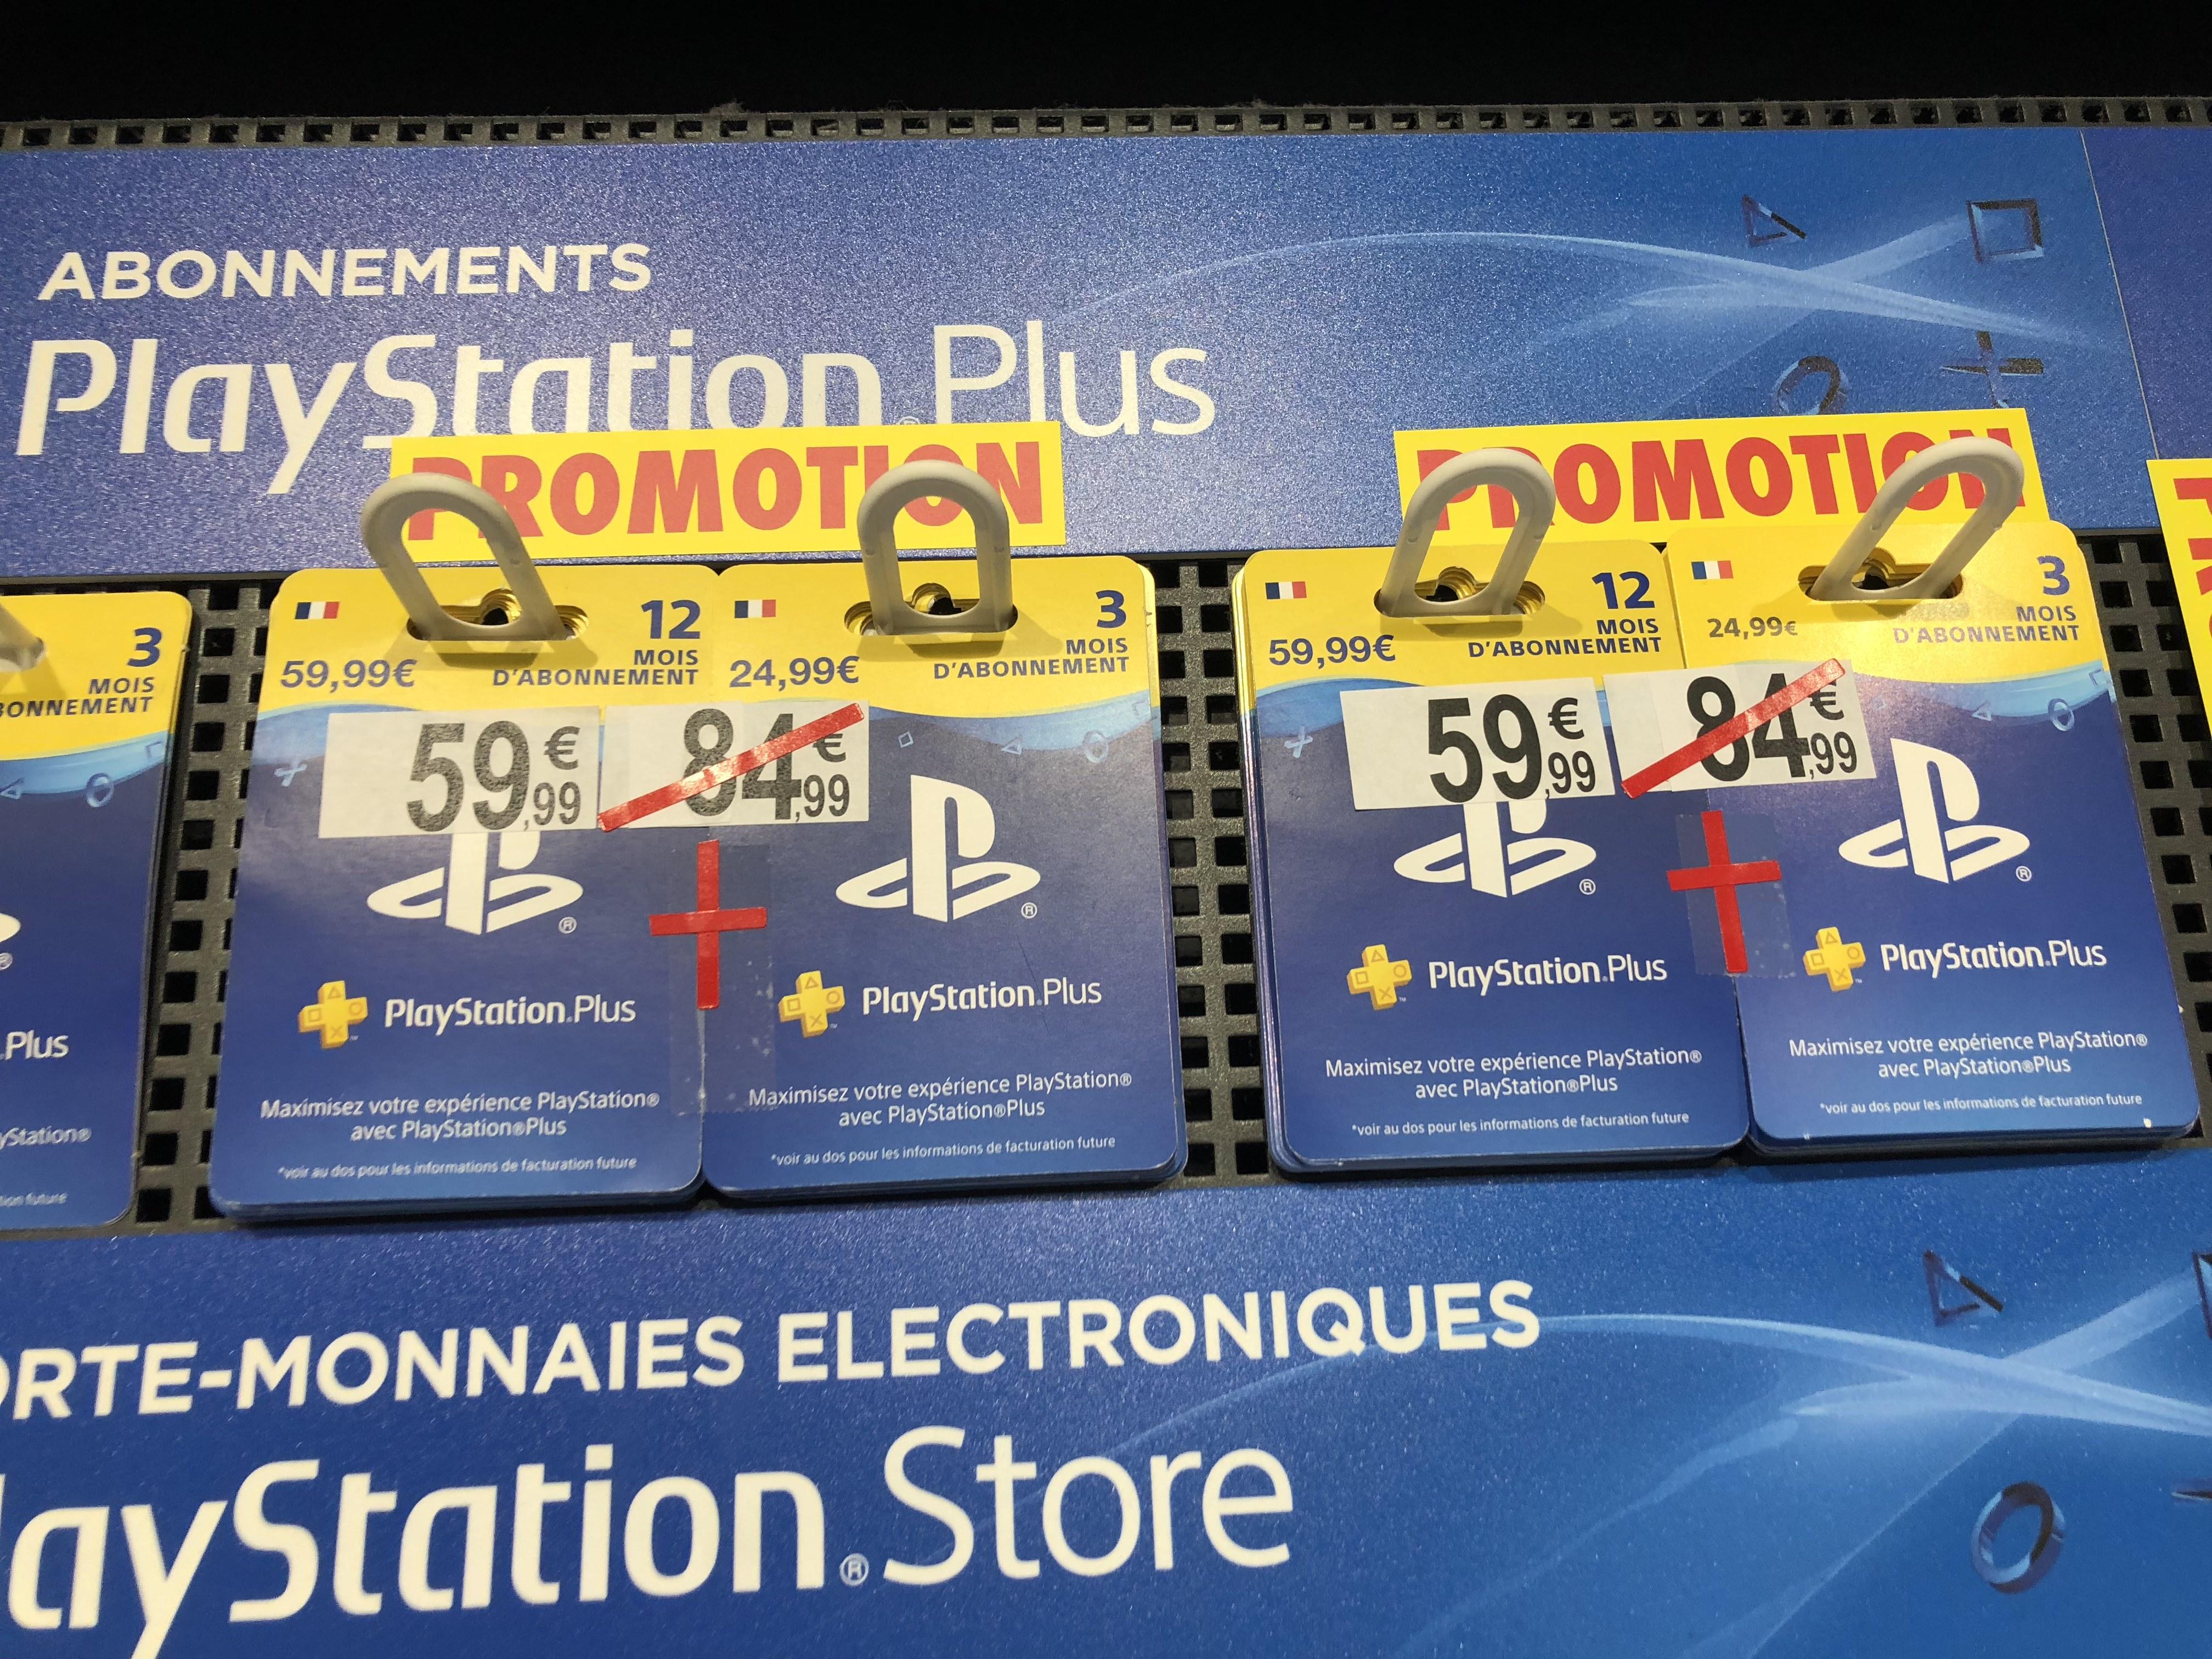 Abonnement PlayStation Plus 15 Mois